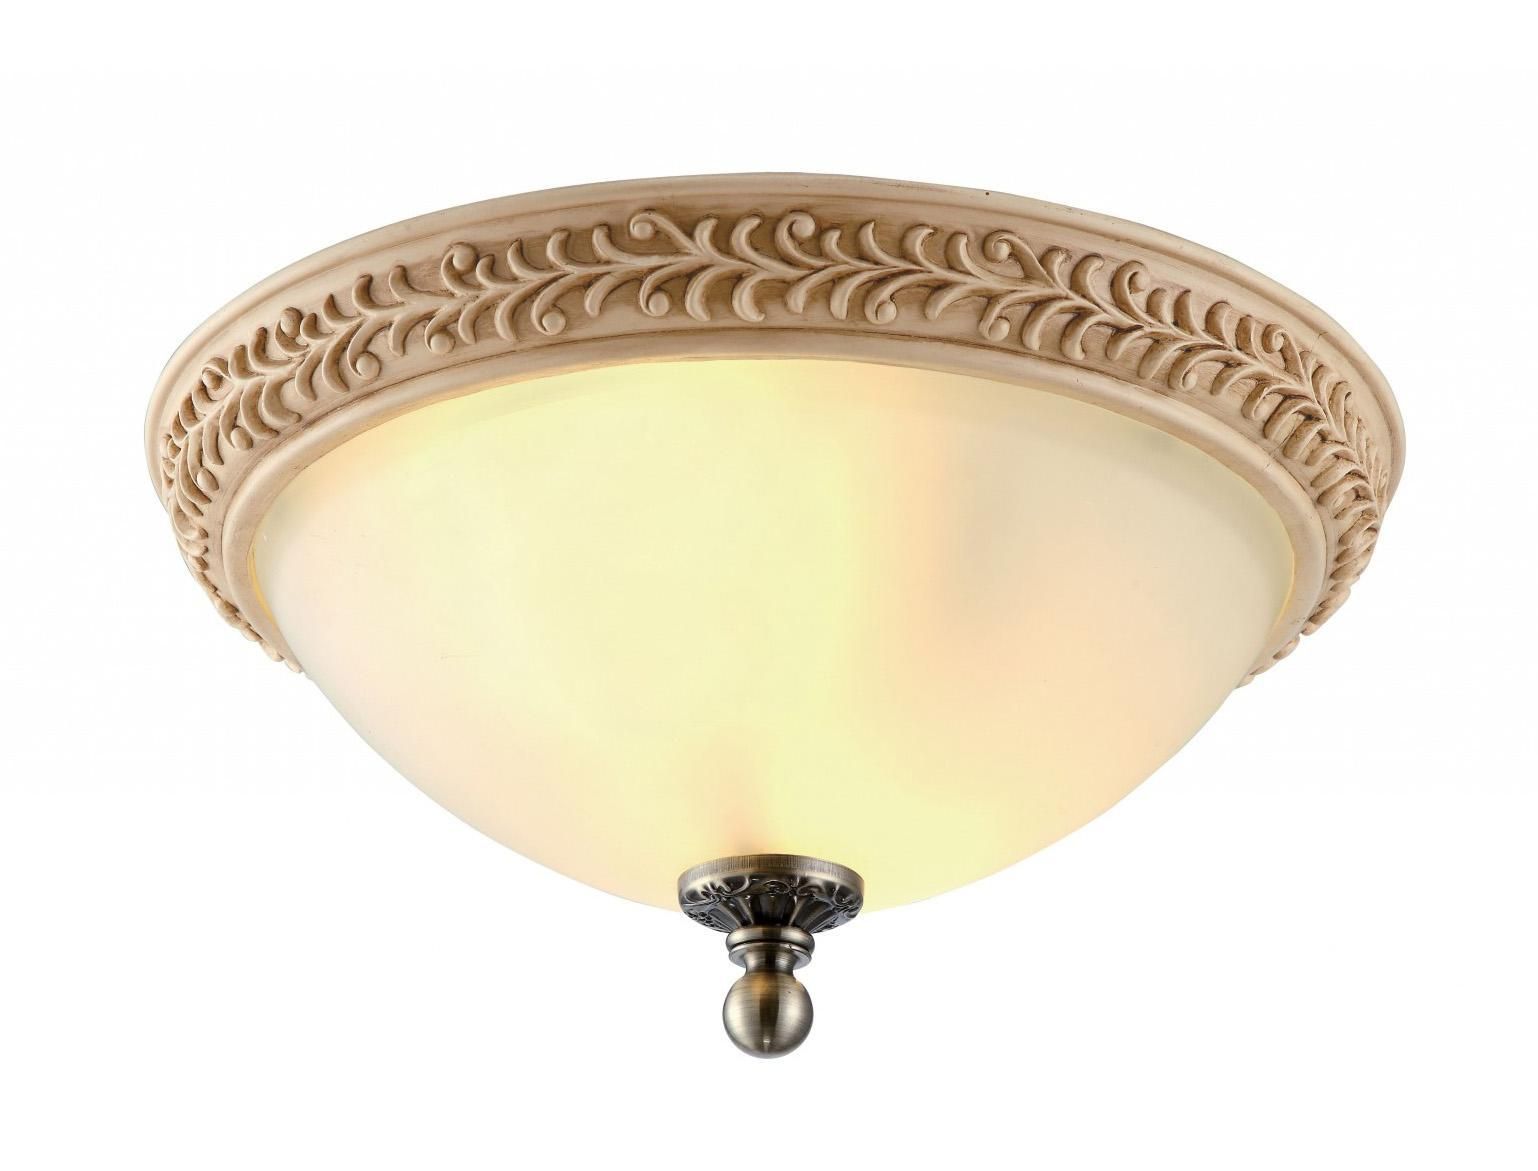 цена на Светильник настенно-потолочный Arte lamp A9070pl-2ab